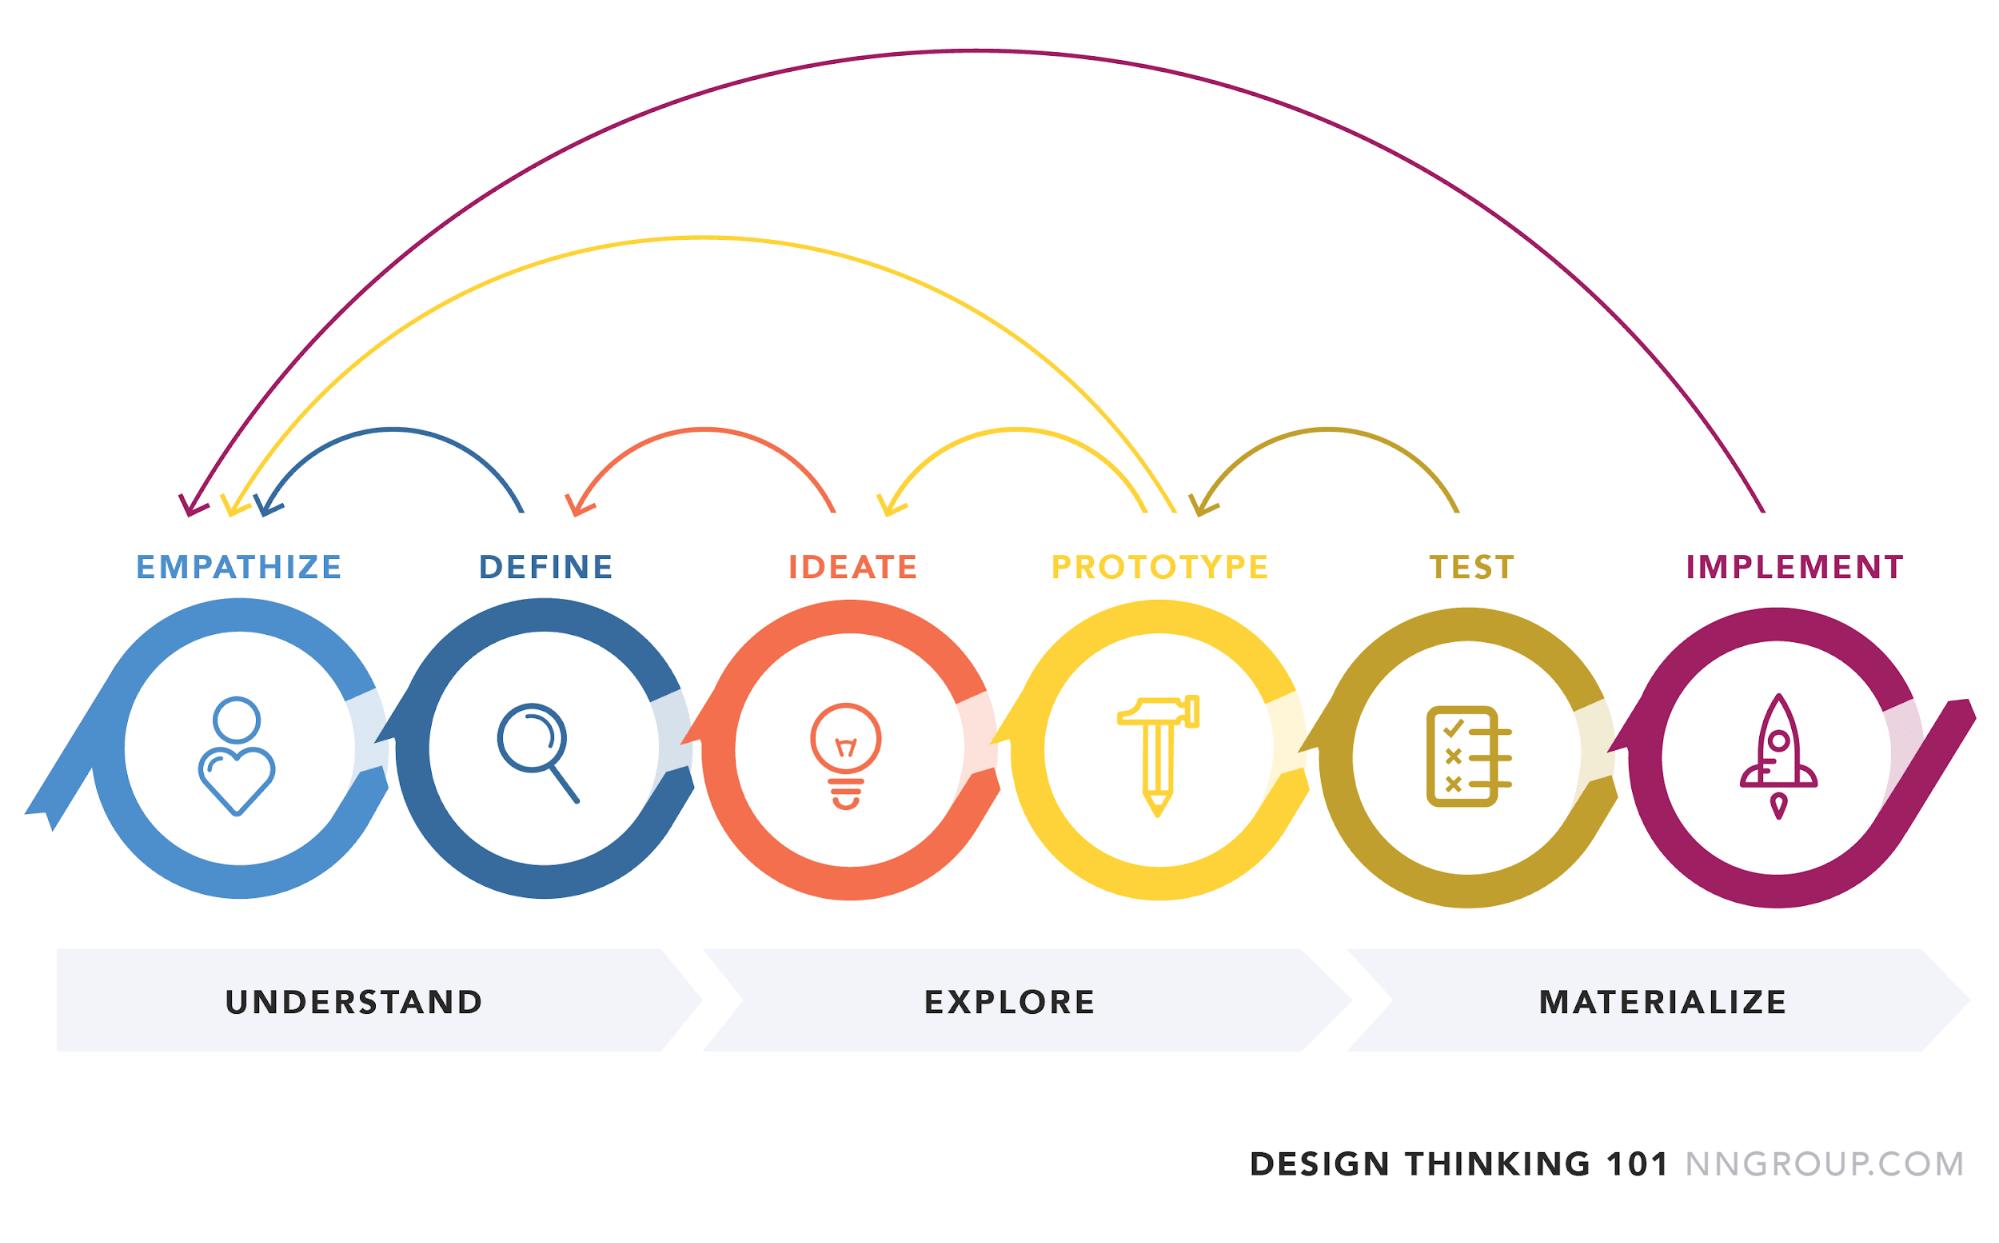 Design thinking diagram